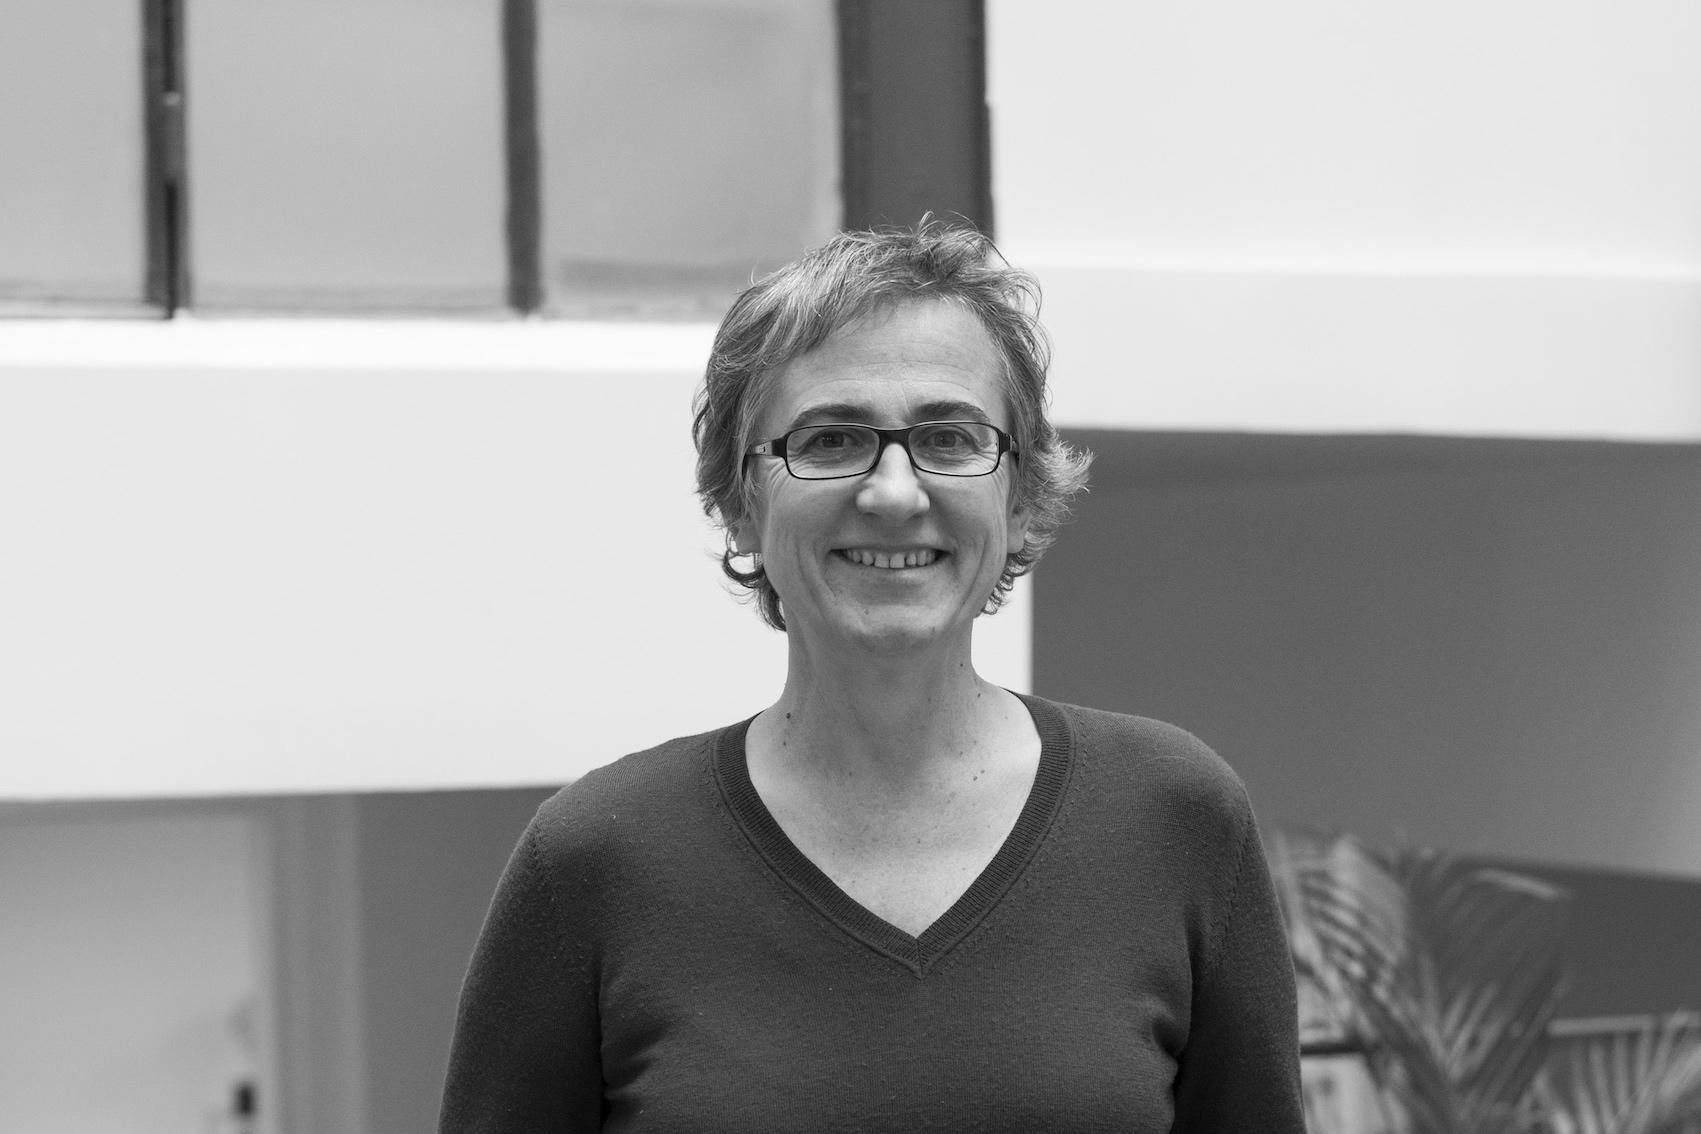 Impact Croissance Sabooj du sens à l'image Marie-Hélène Delaux